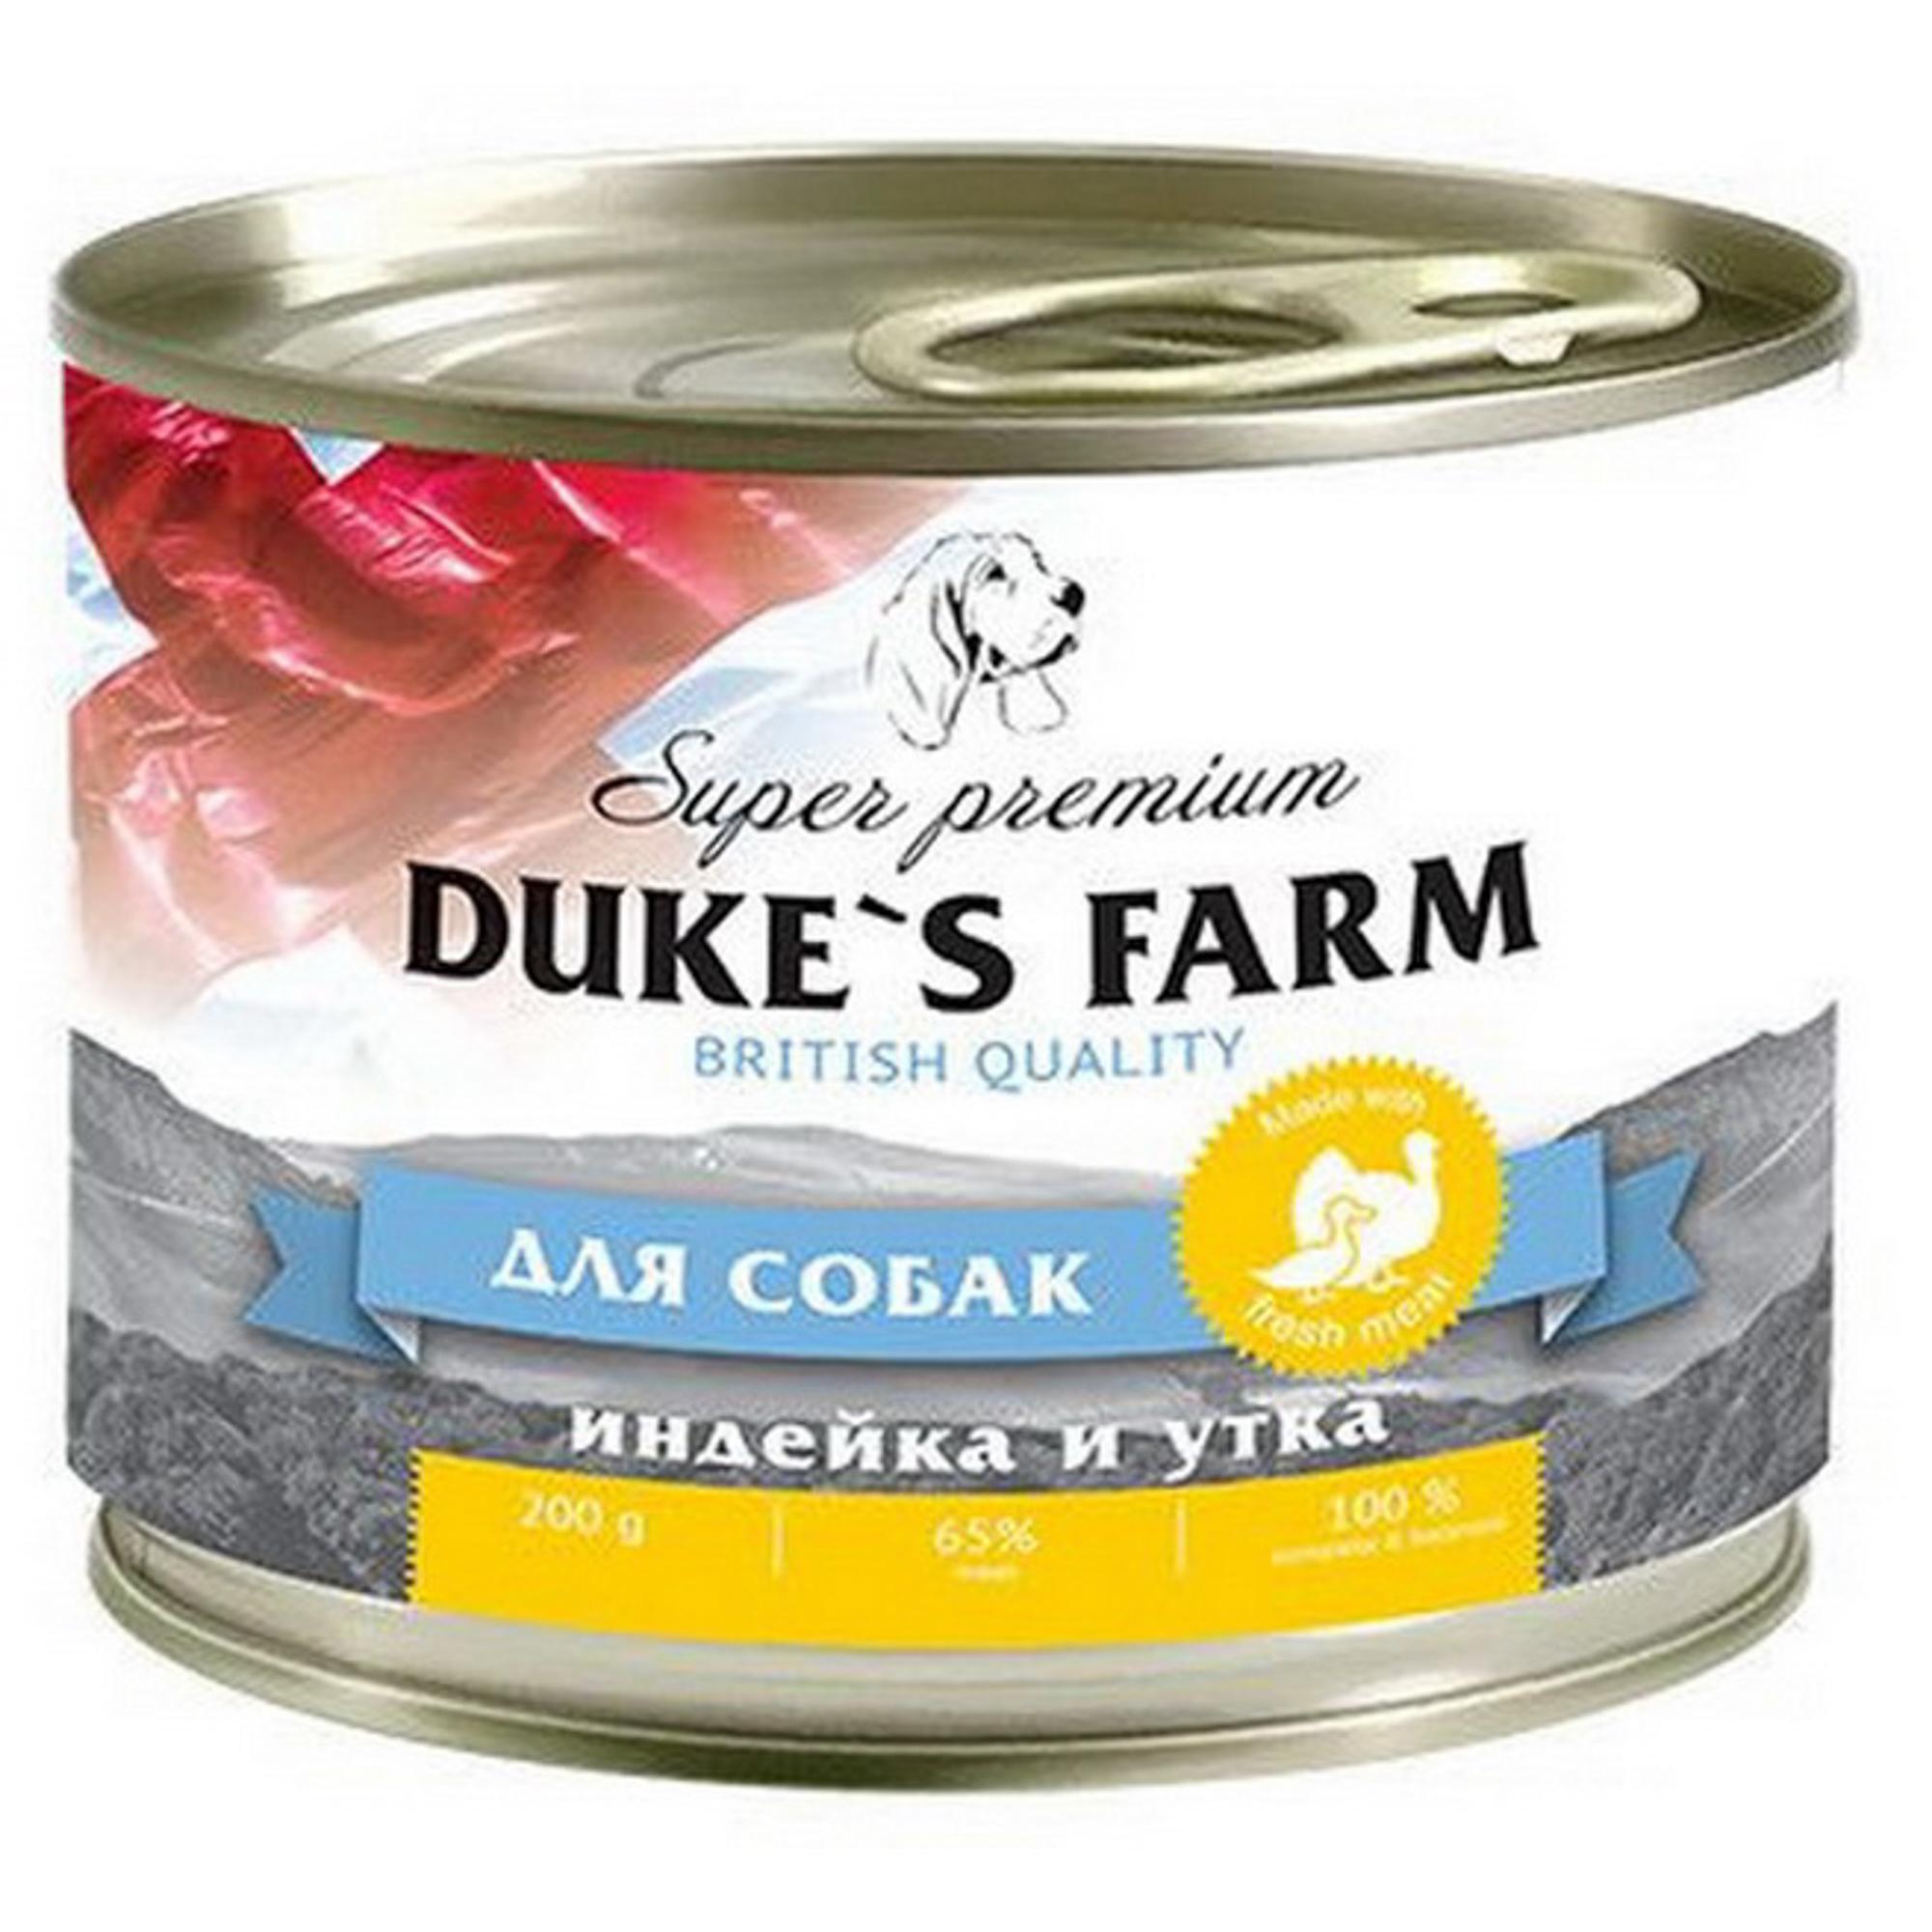 Корм для собак Duke's Farm индейка, утка, рис, шпинат 200 г